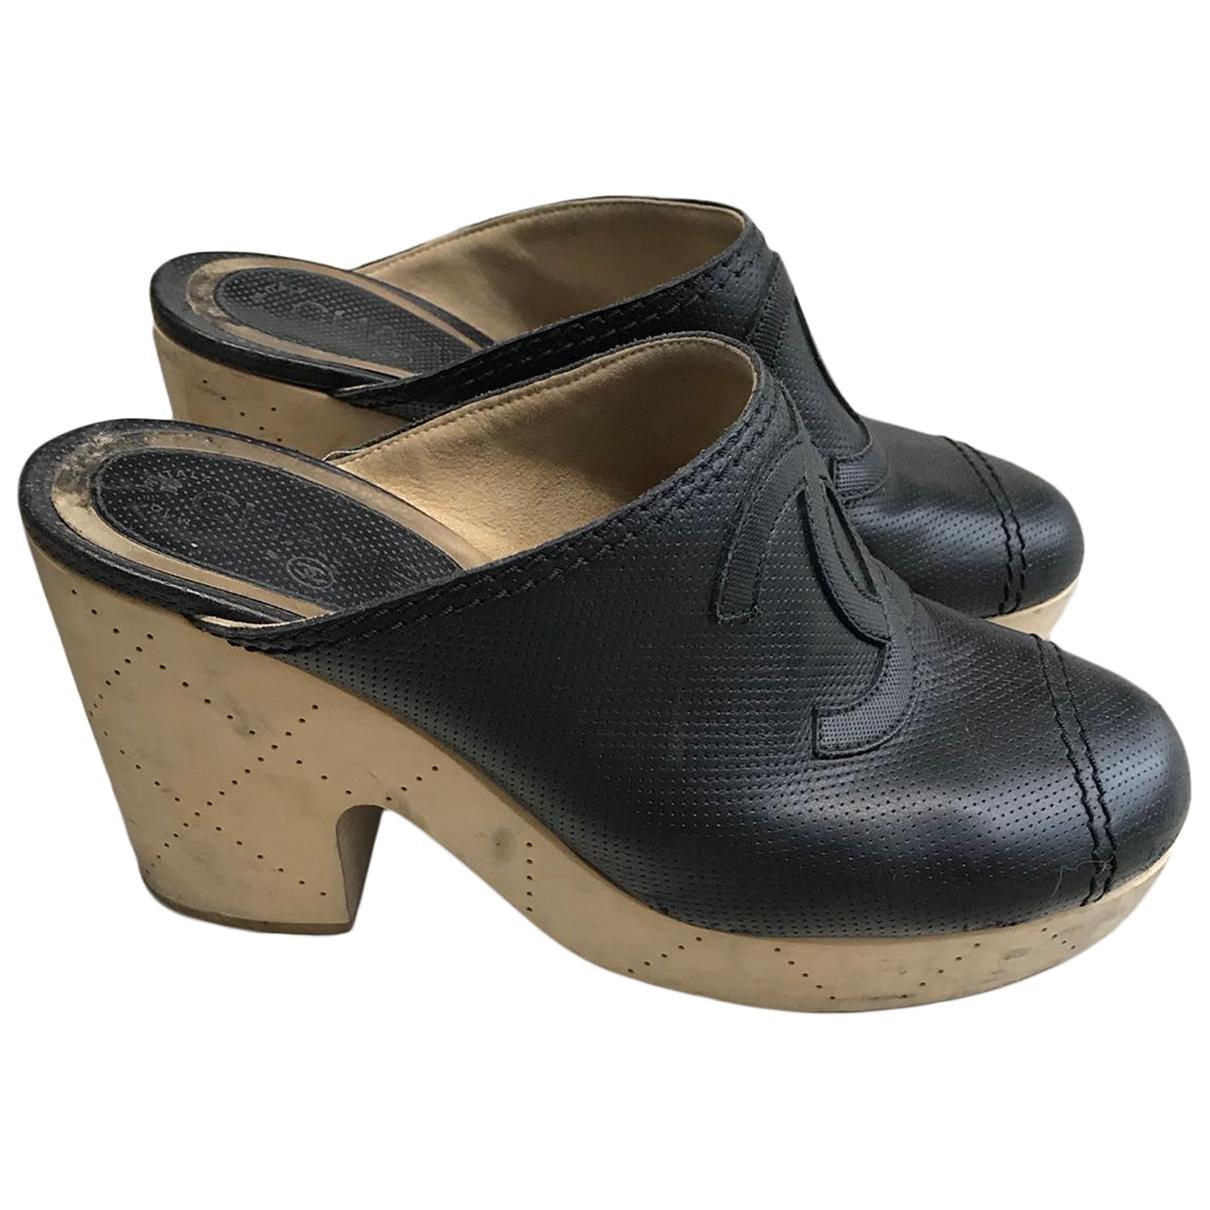 Chanel - Sabots   pour femme en cuir - noir